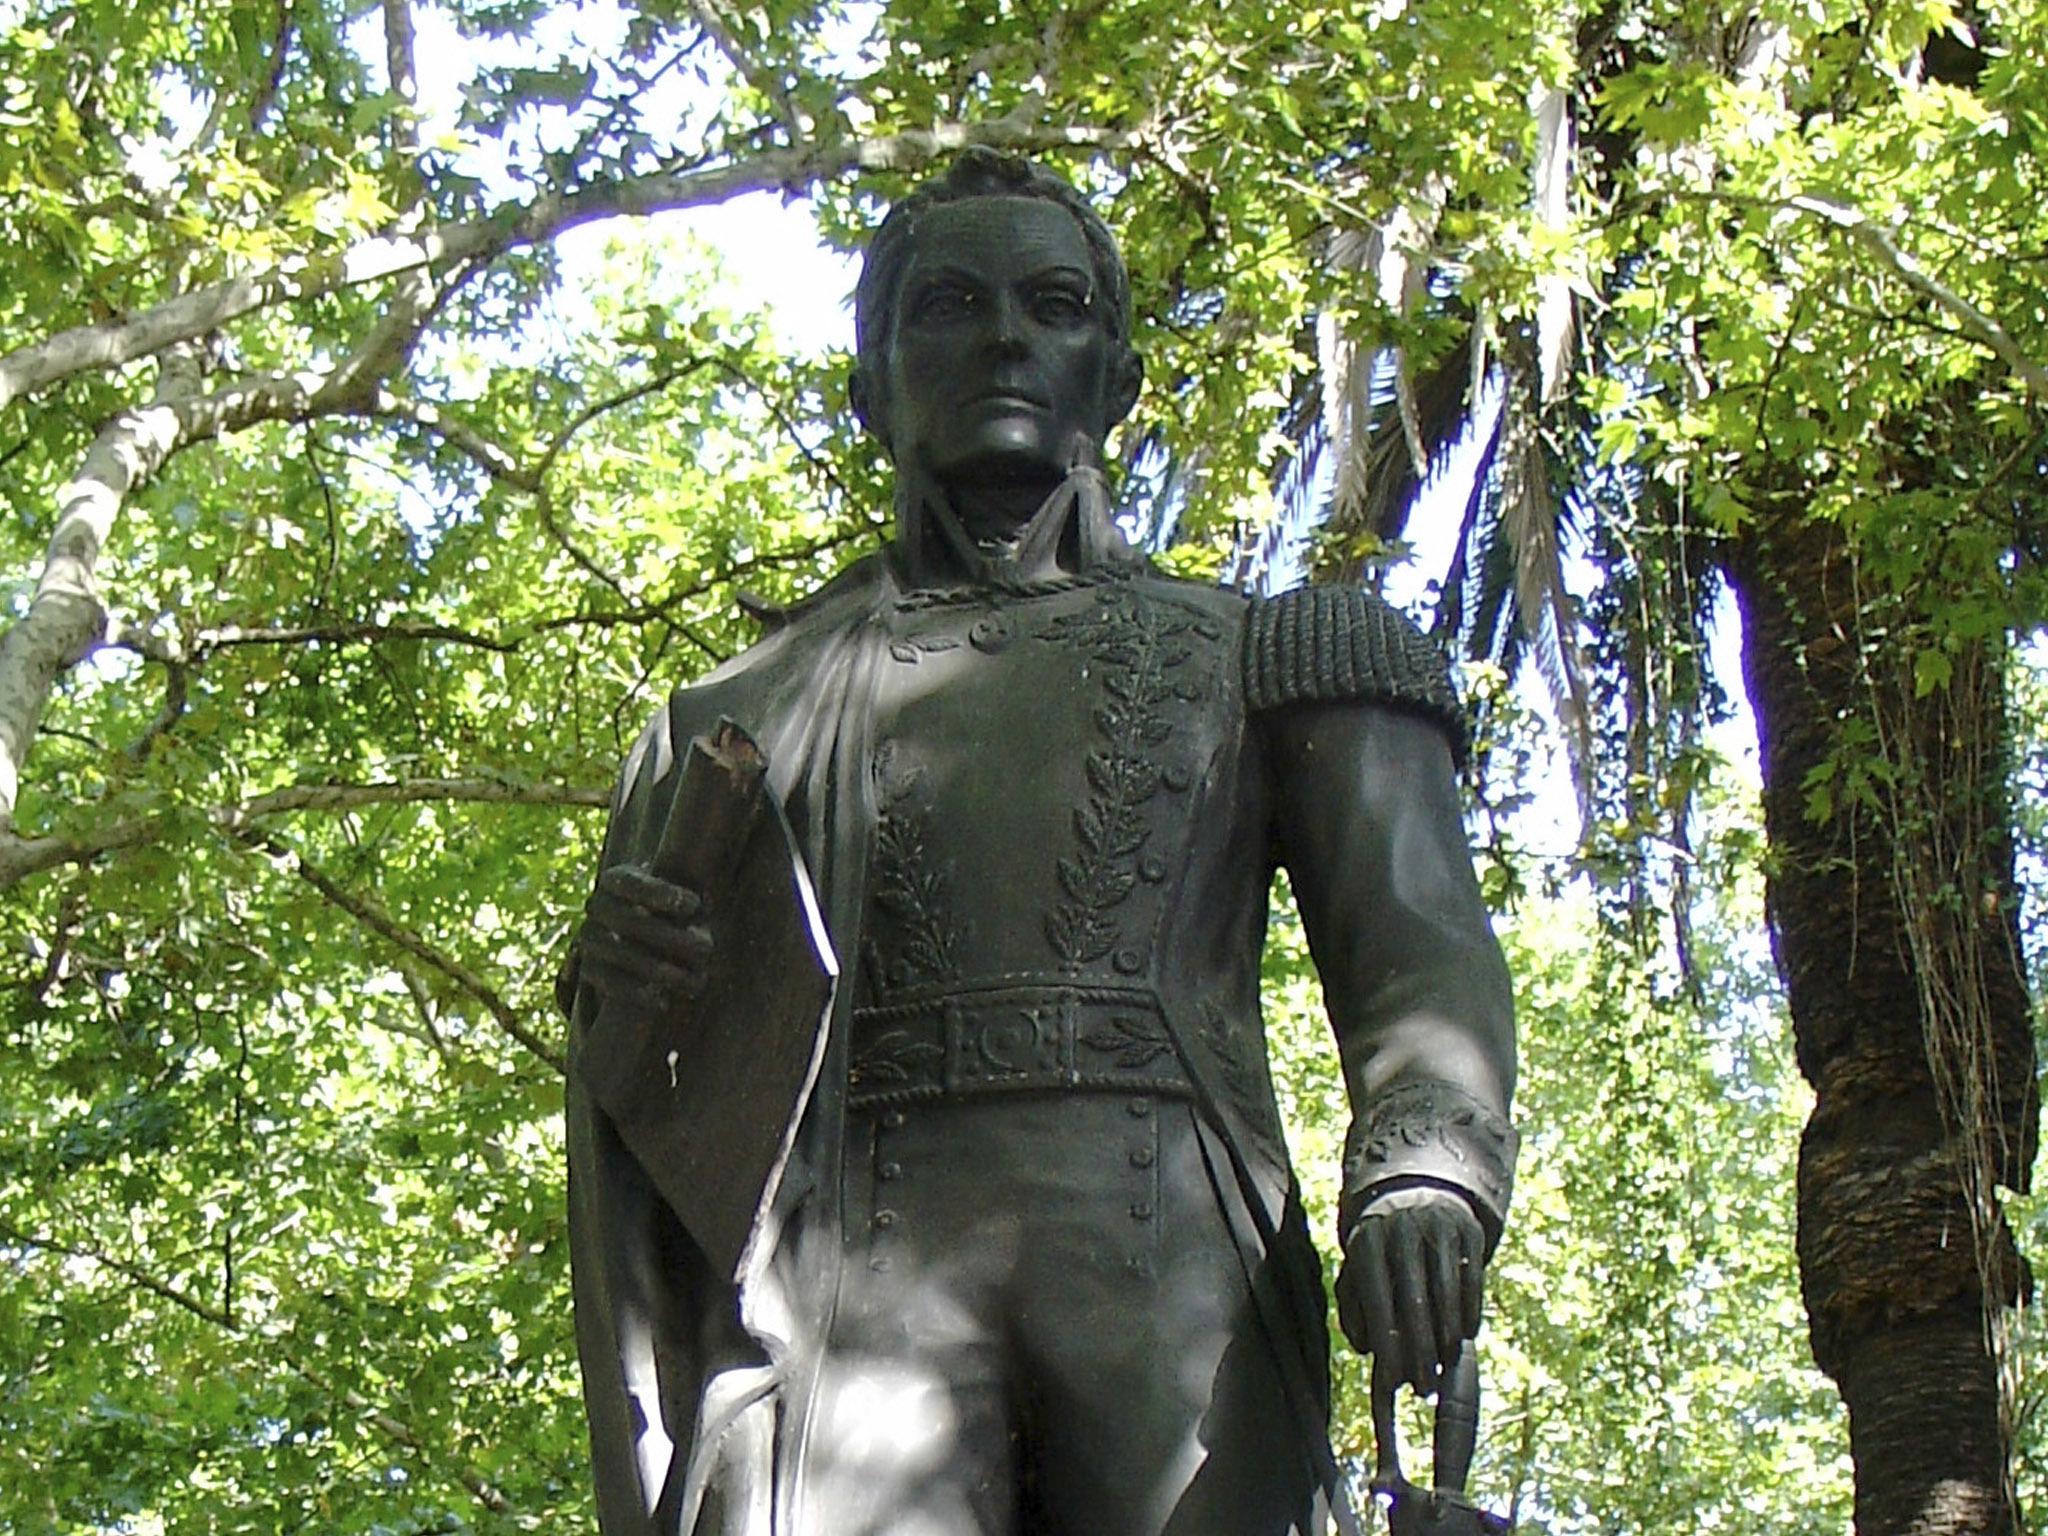 Simon Bolivar – Avenida da Liberdade